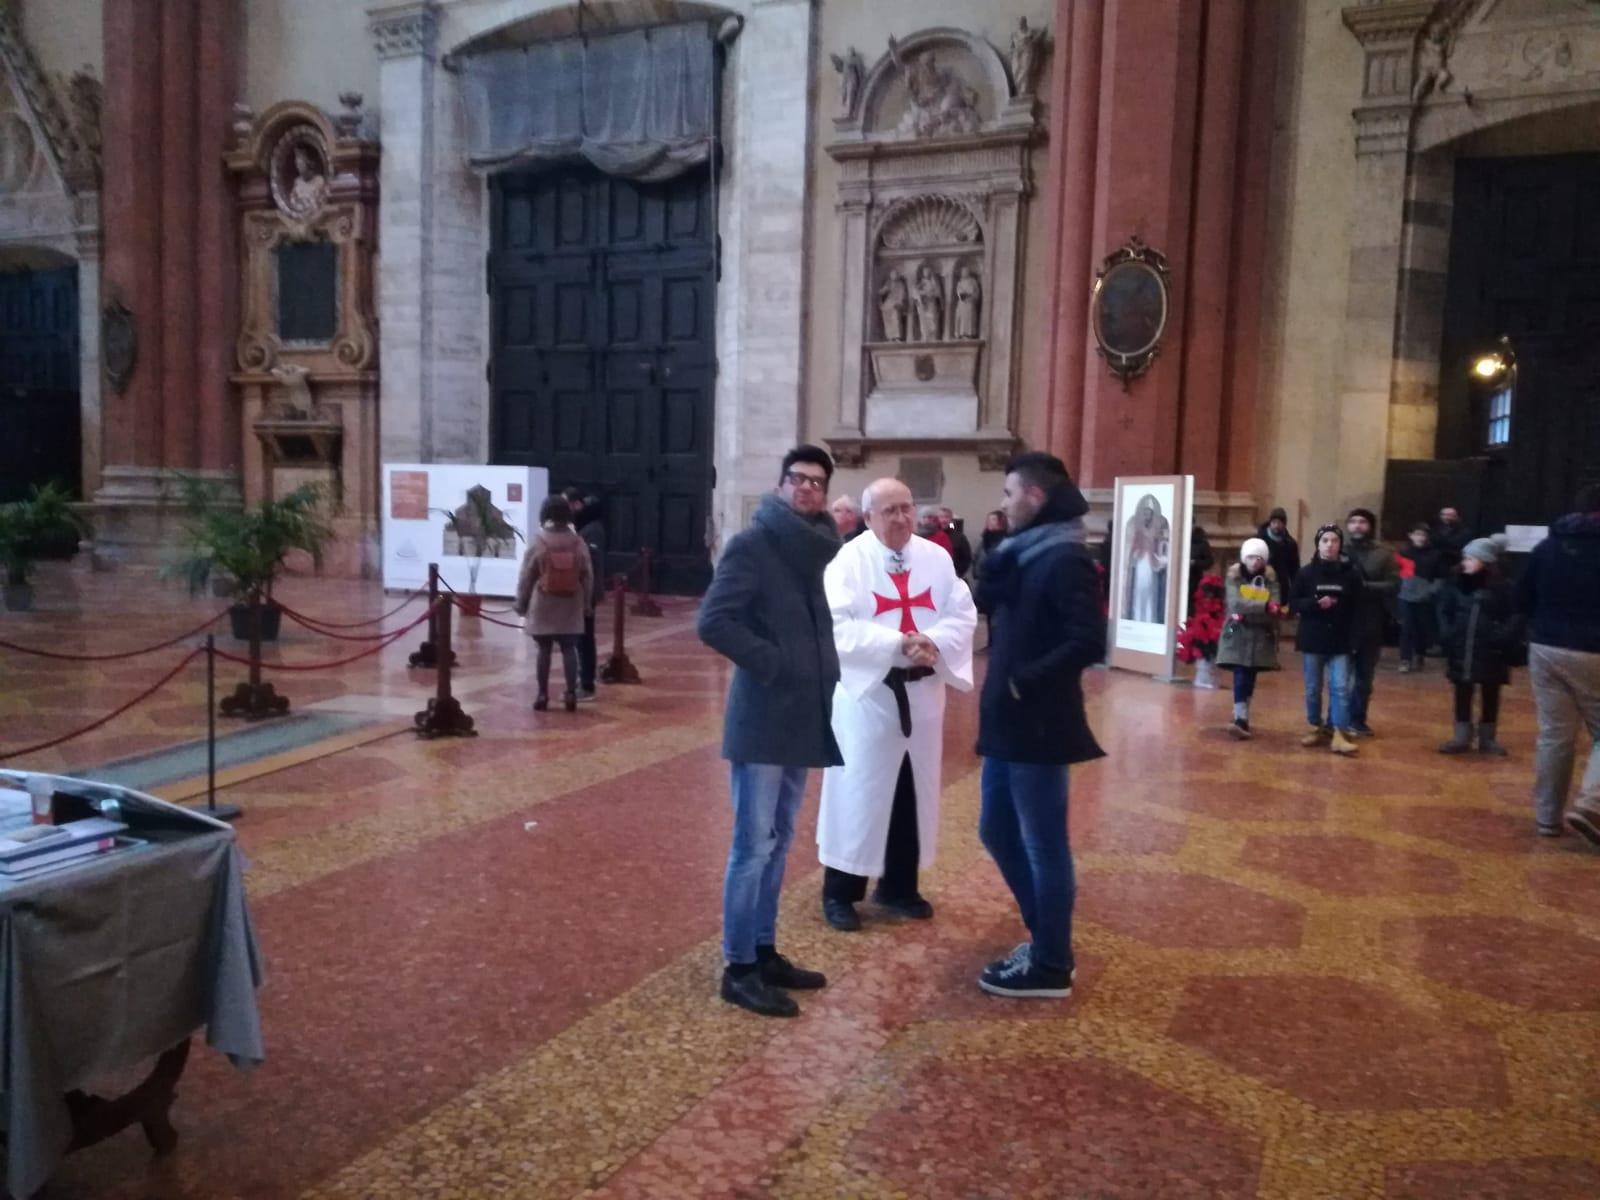 Custodia della Basilica di San Petronio a Bologna 5-6 Gennaio